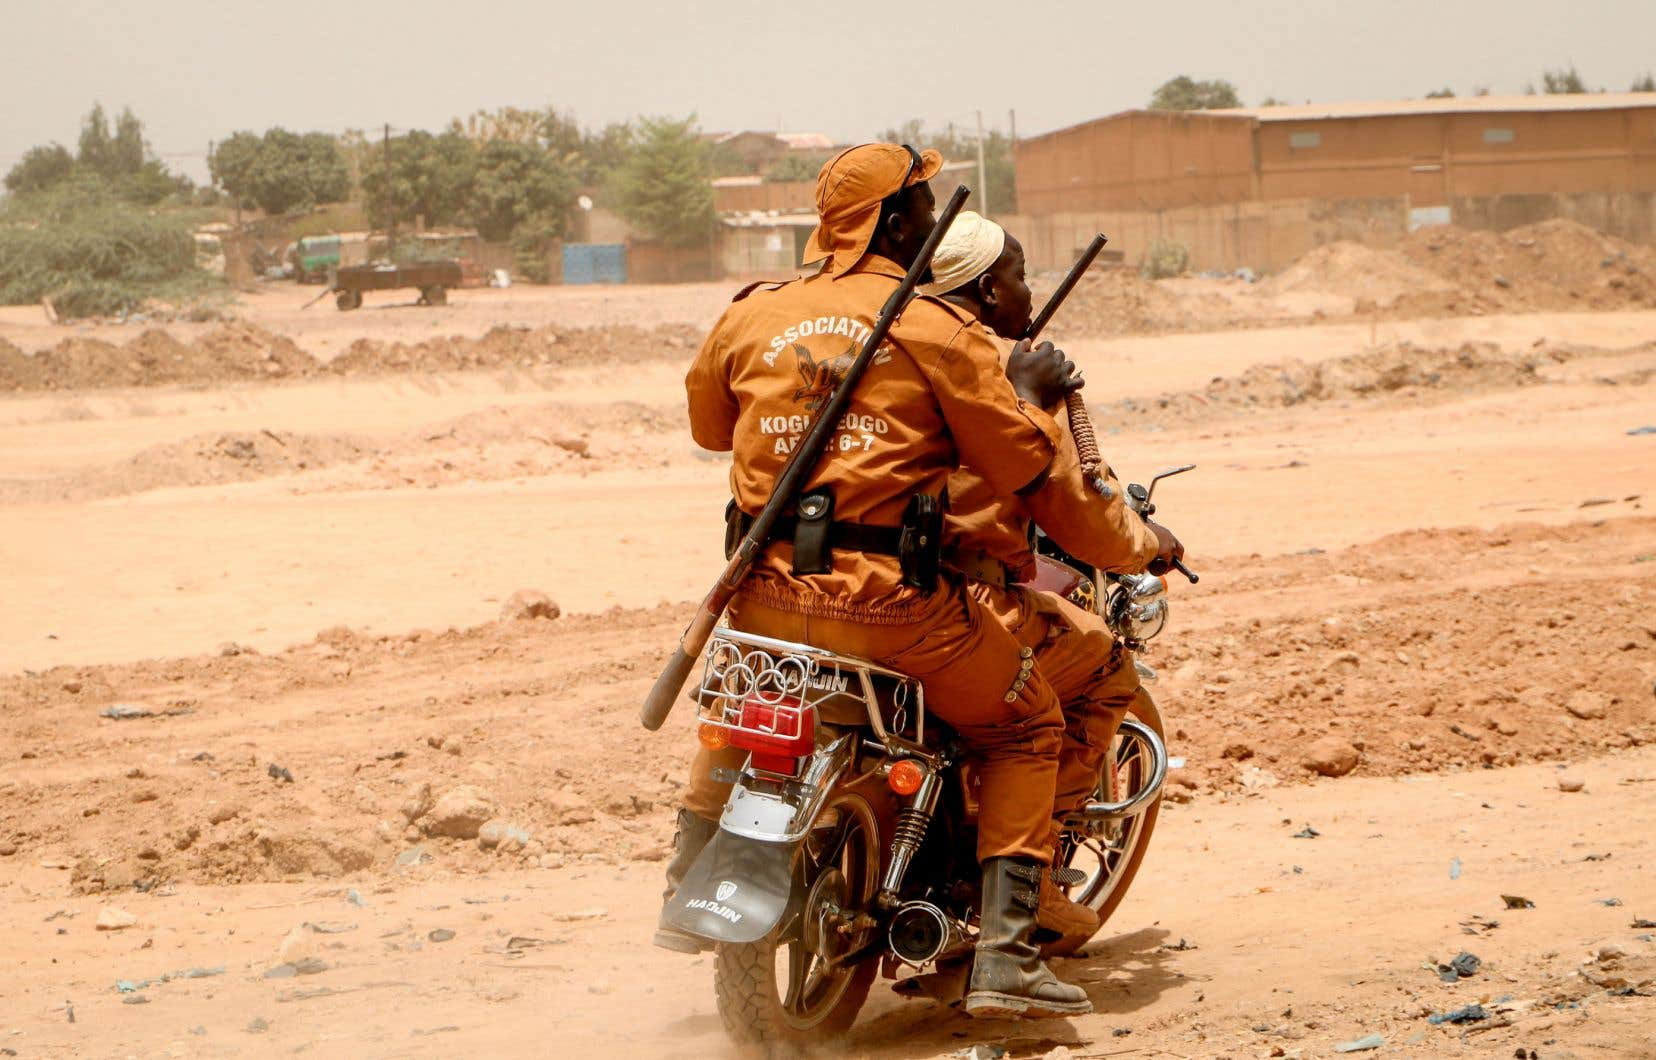 L'armée burkinabè, faible et mal équipée, ne parvient pas à contrer les attaques de plus en plus nombreuses et doit s'appuyer sur des supplétifs civils, les Volontaires pour la défense de la patrie (VDP), qui payent un lourd tribut à la lutte antidjihadiste.